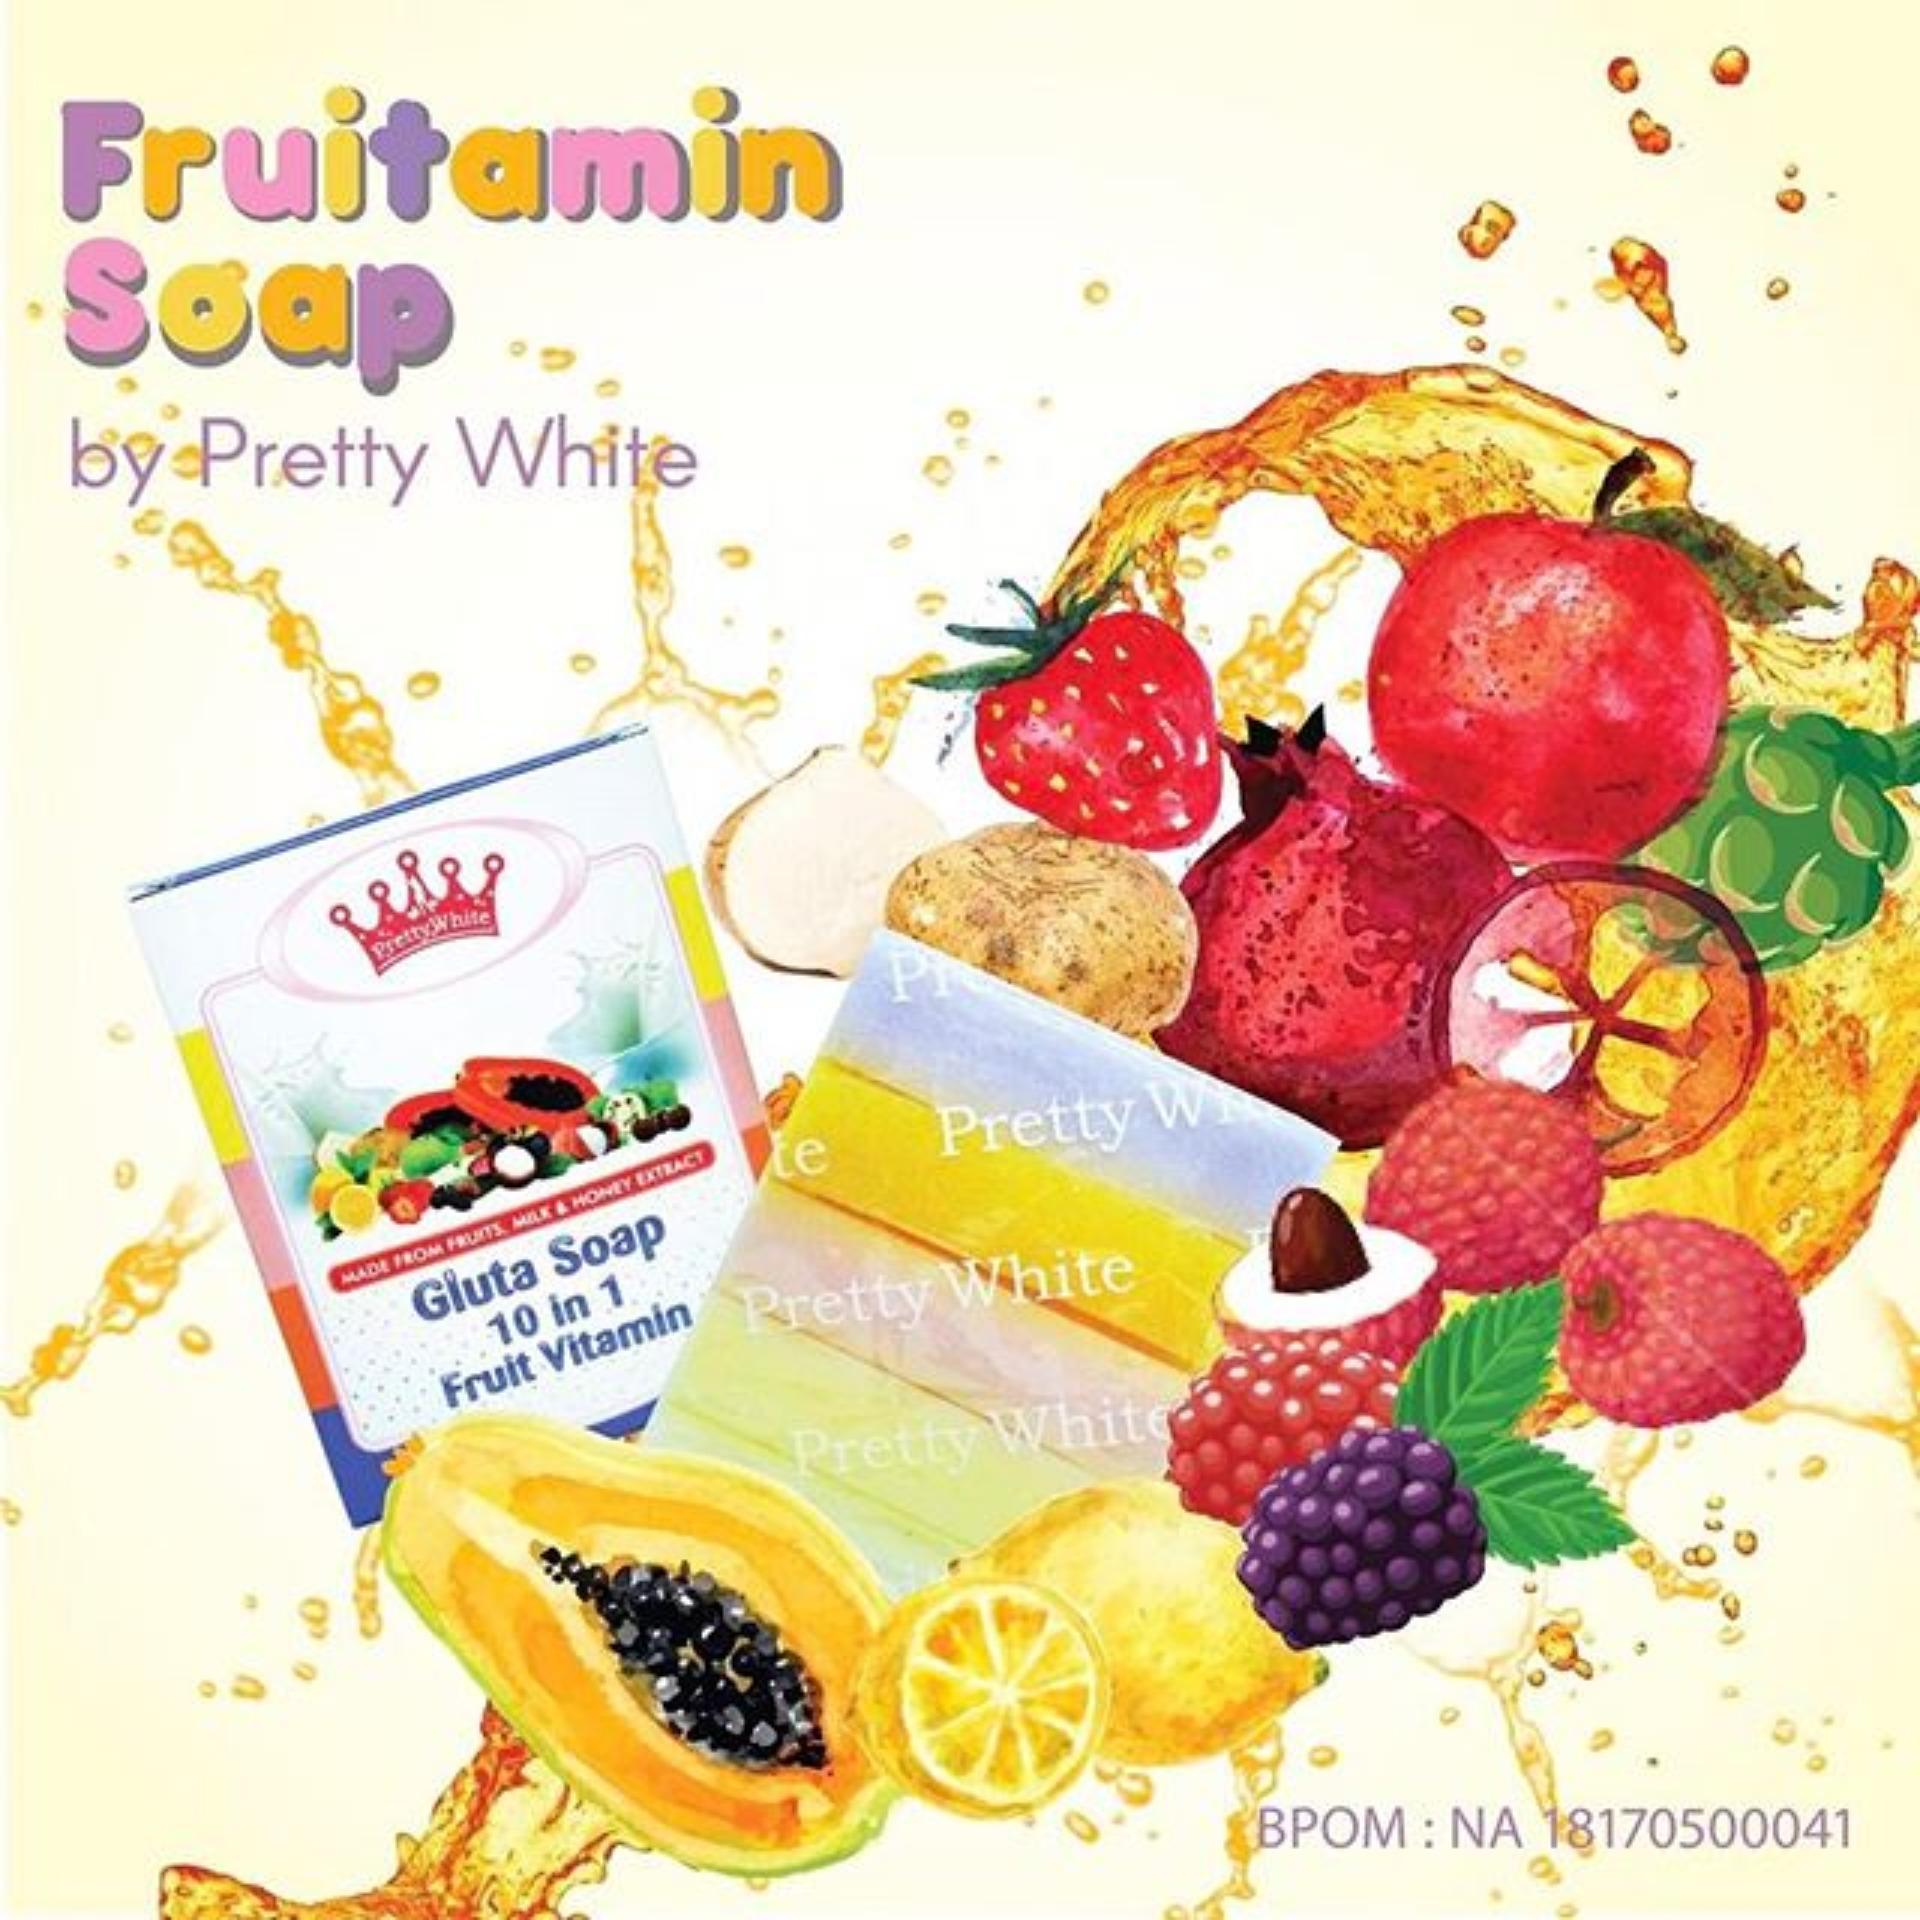 Harga Termurah Fruitamin Soap Bpom Sabun Pemutih Badan Dan Wajah 10 In 1 Frutamin